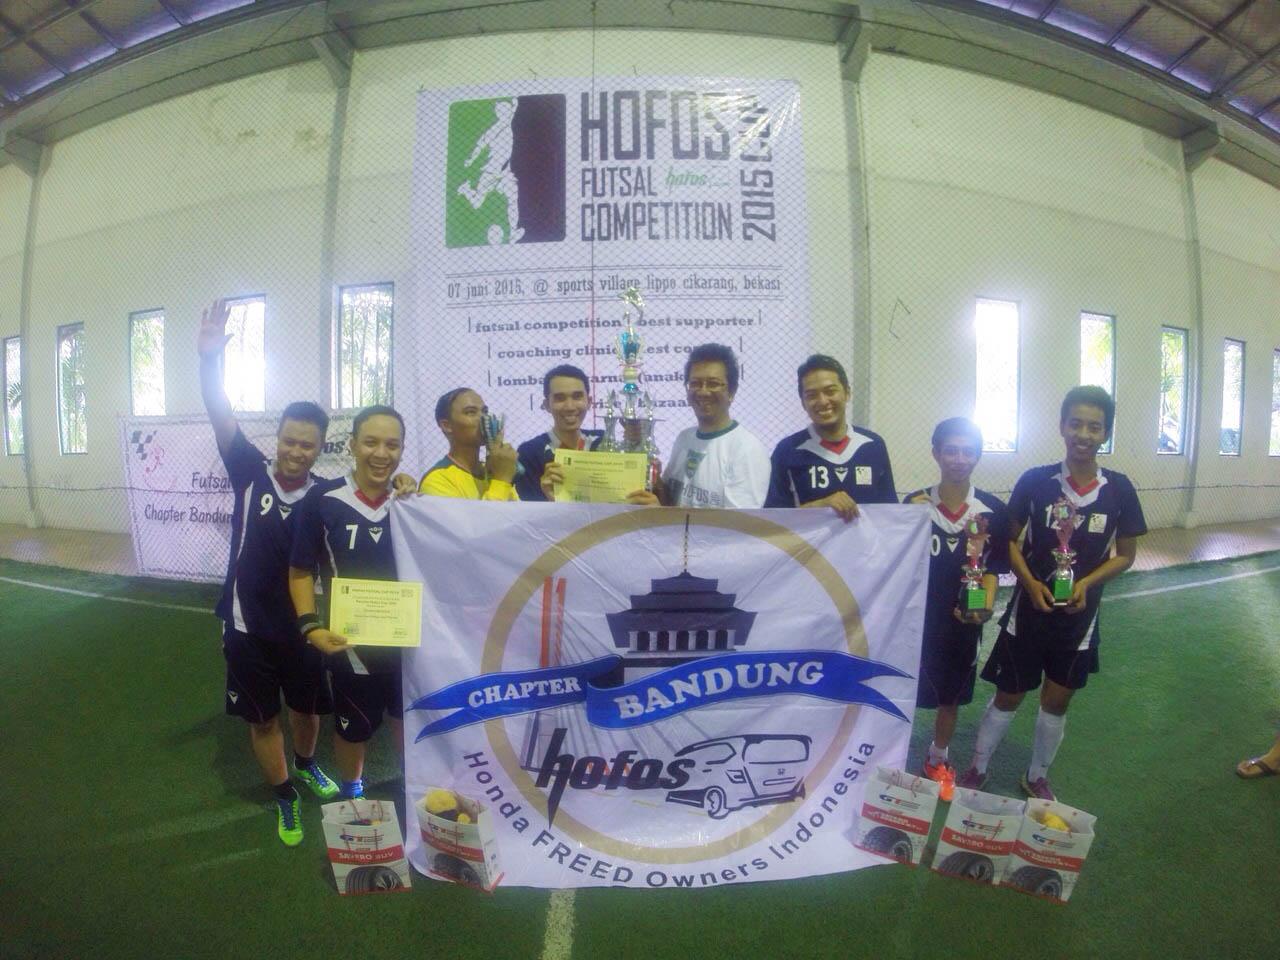 HOFOS CUP 2015